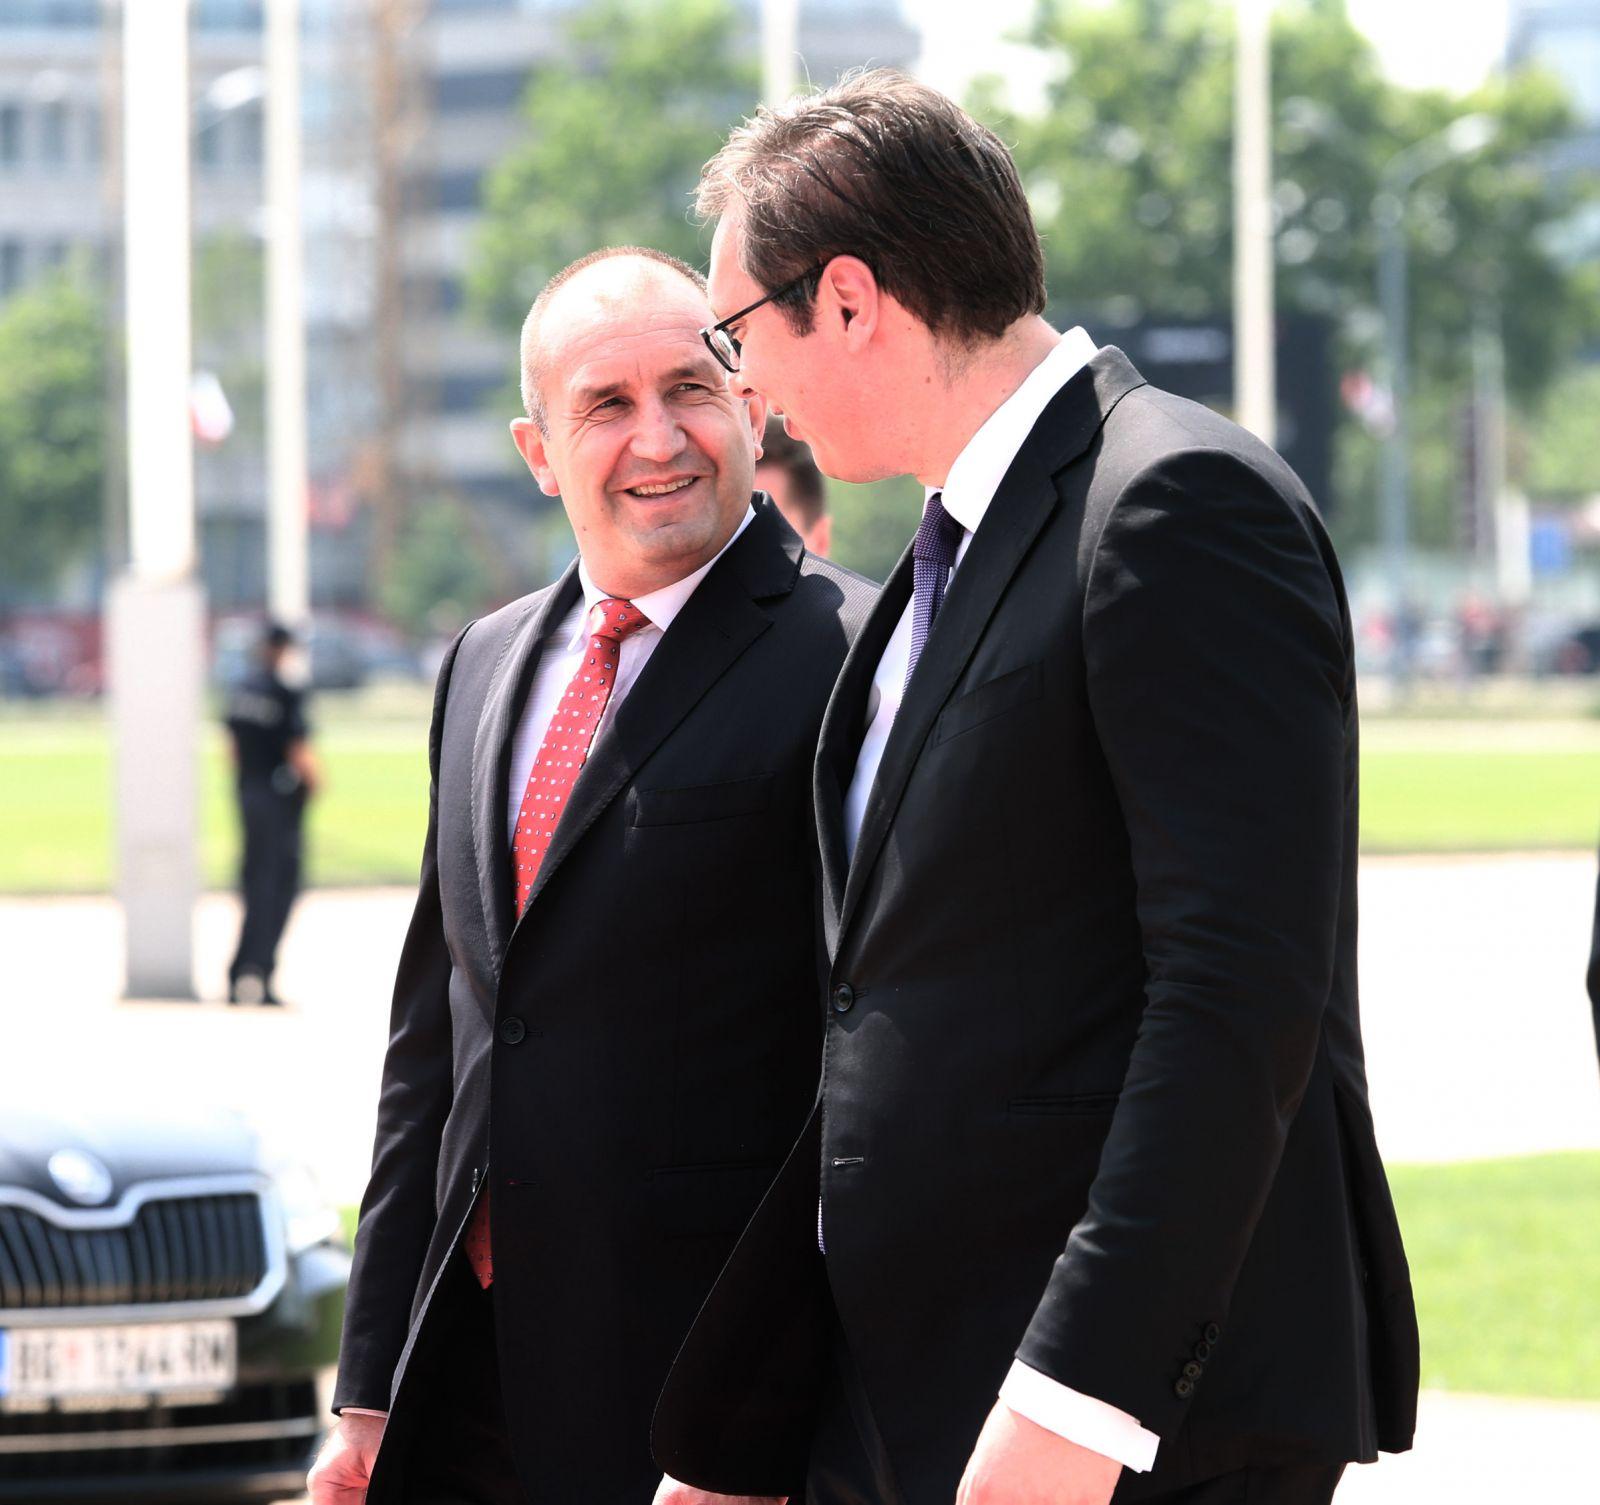 Президентът Румен Радев в Белград: Историческото помирение на Балканите трябва да се реализира в името на общото европейско бъдеще на нашия регион